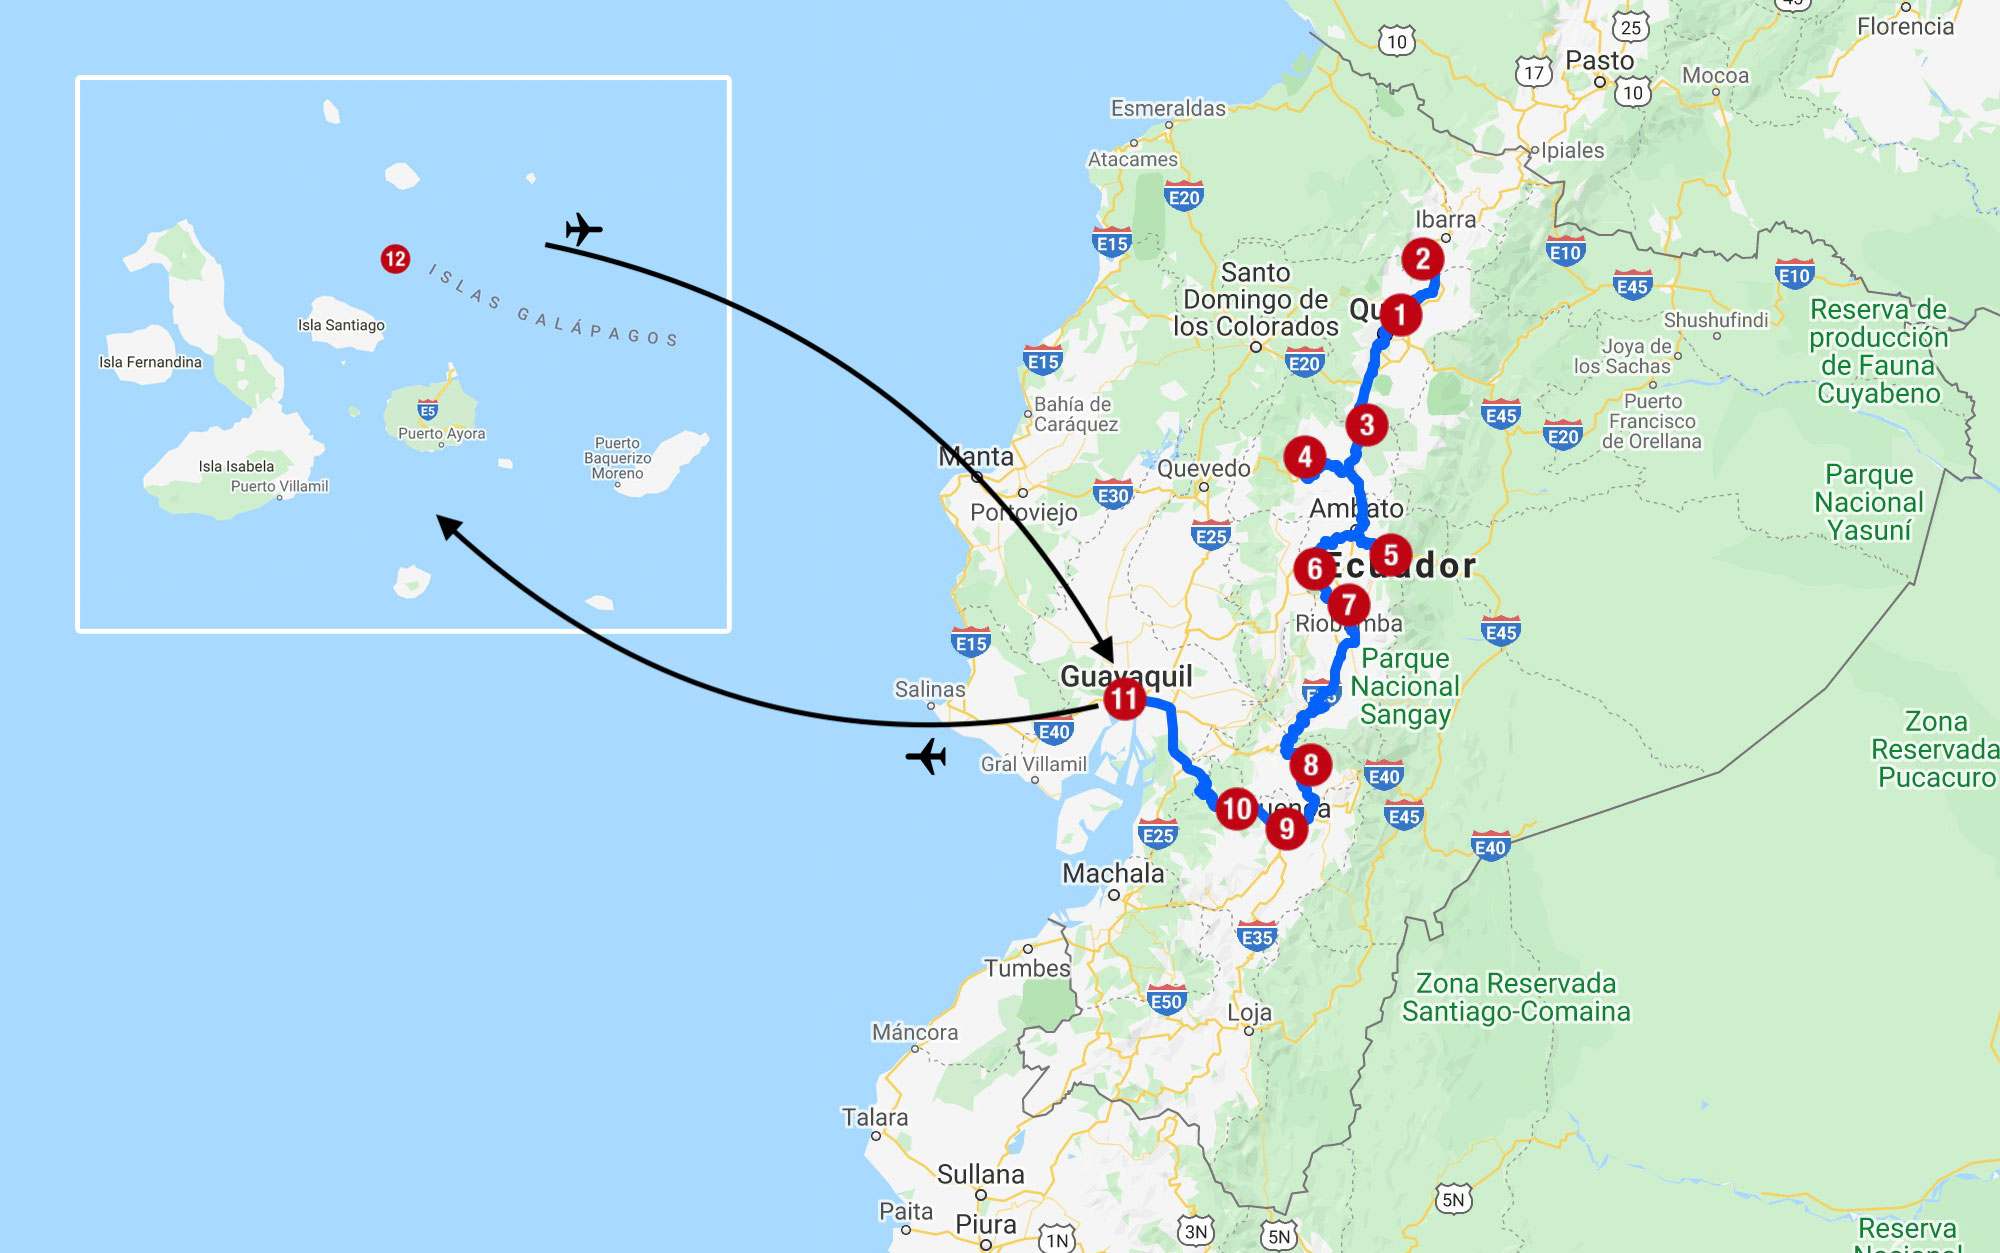 Karte mit Reiseroute in Ecuador mit Galapagos-Inseln